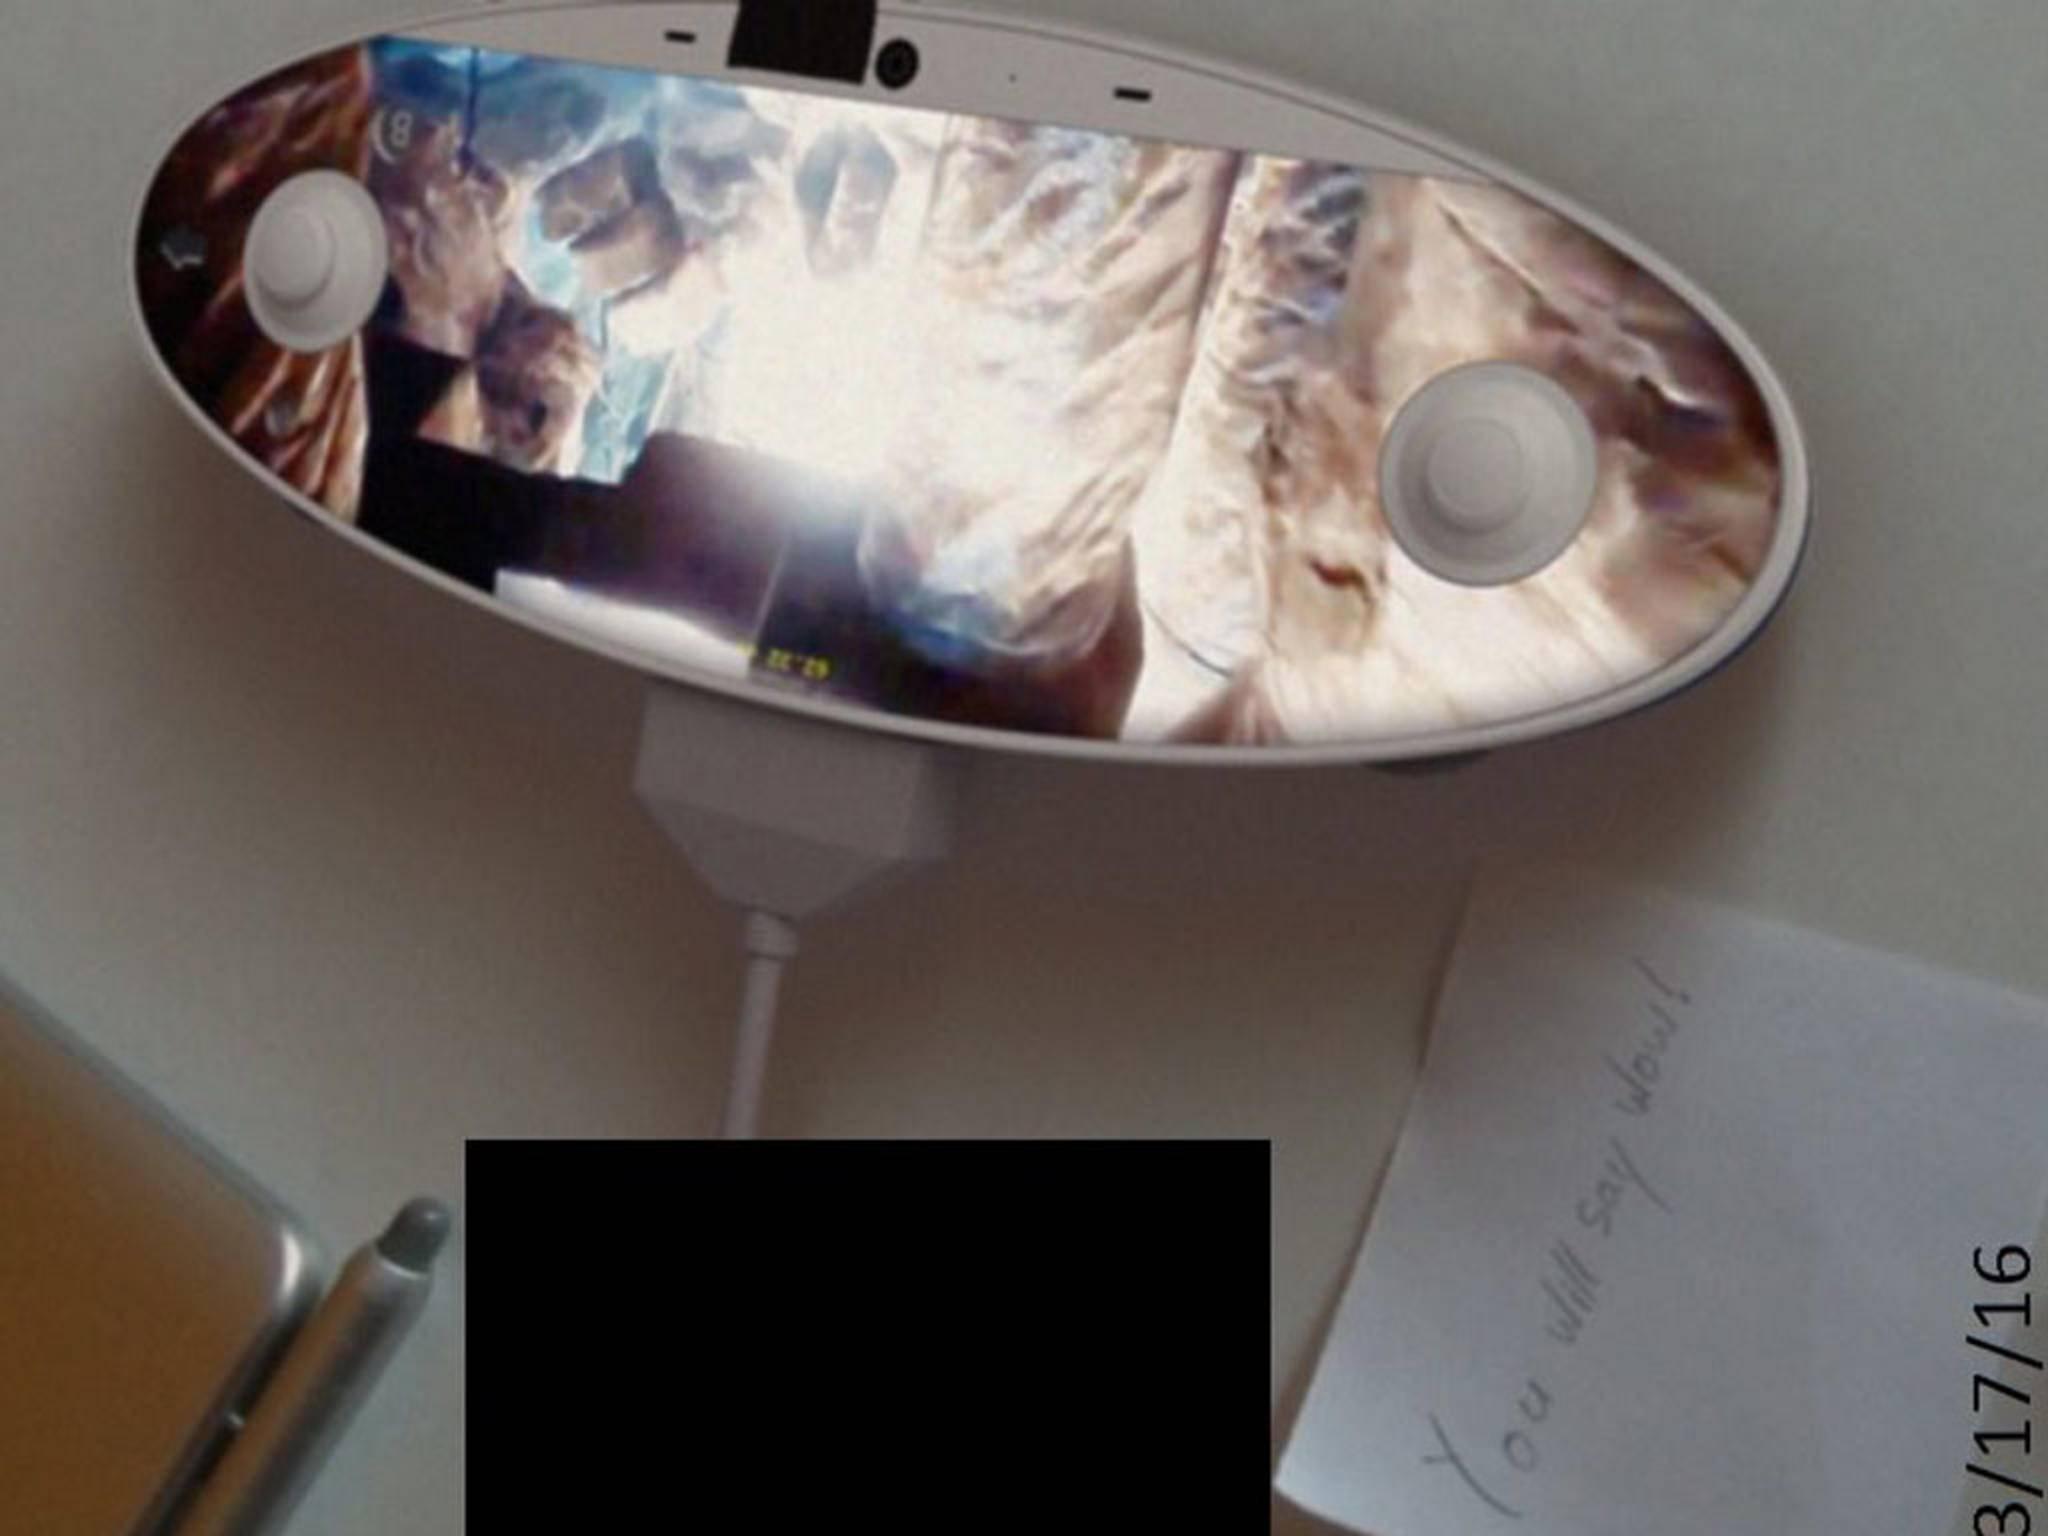 Nintendo NX Controller